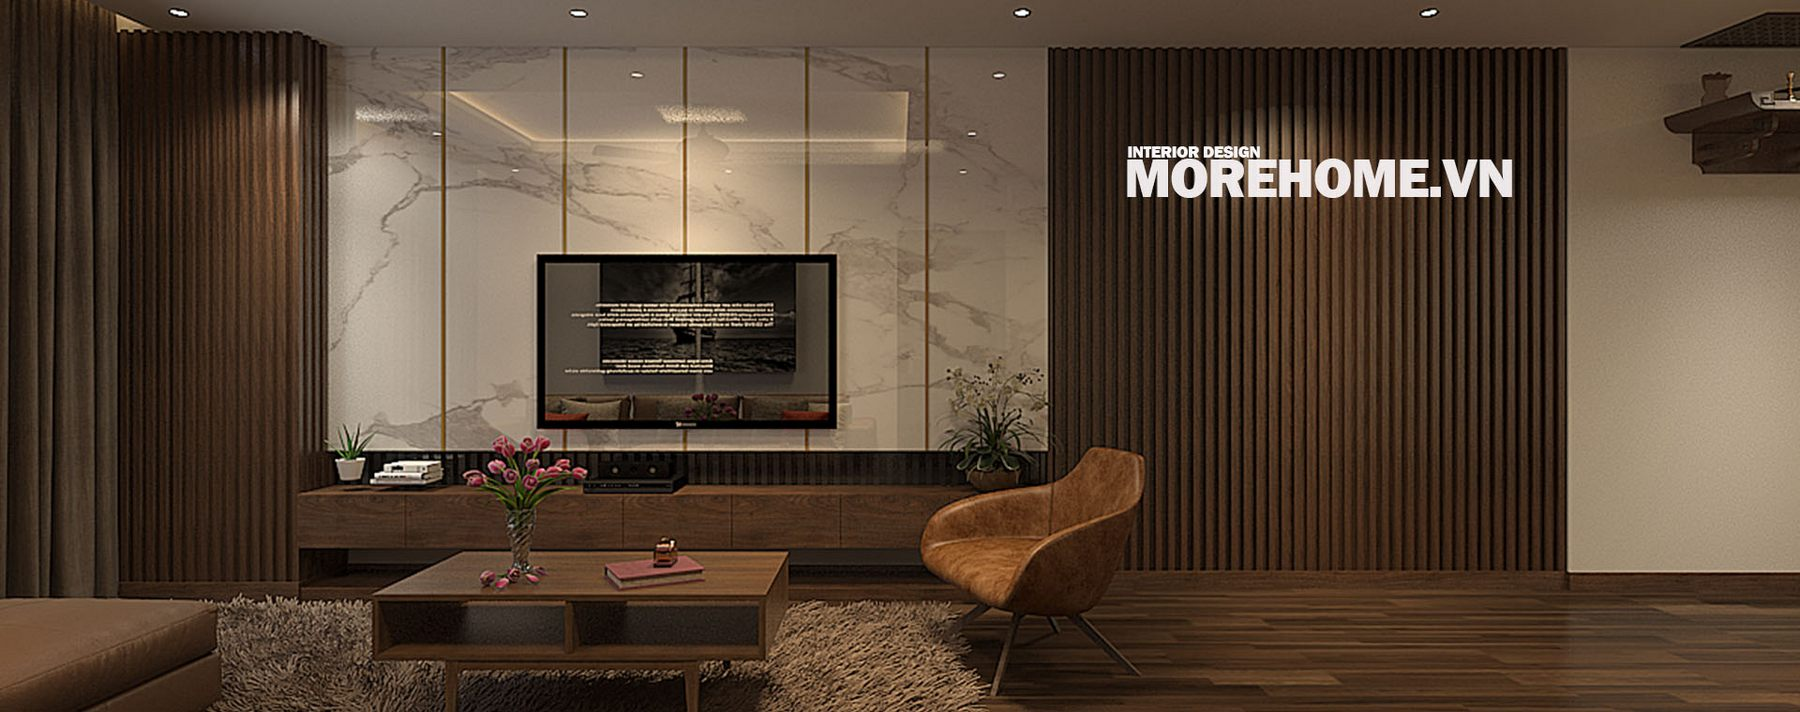 Thiết kế nội thất chung cư Trung Hòa Nhân Chính